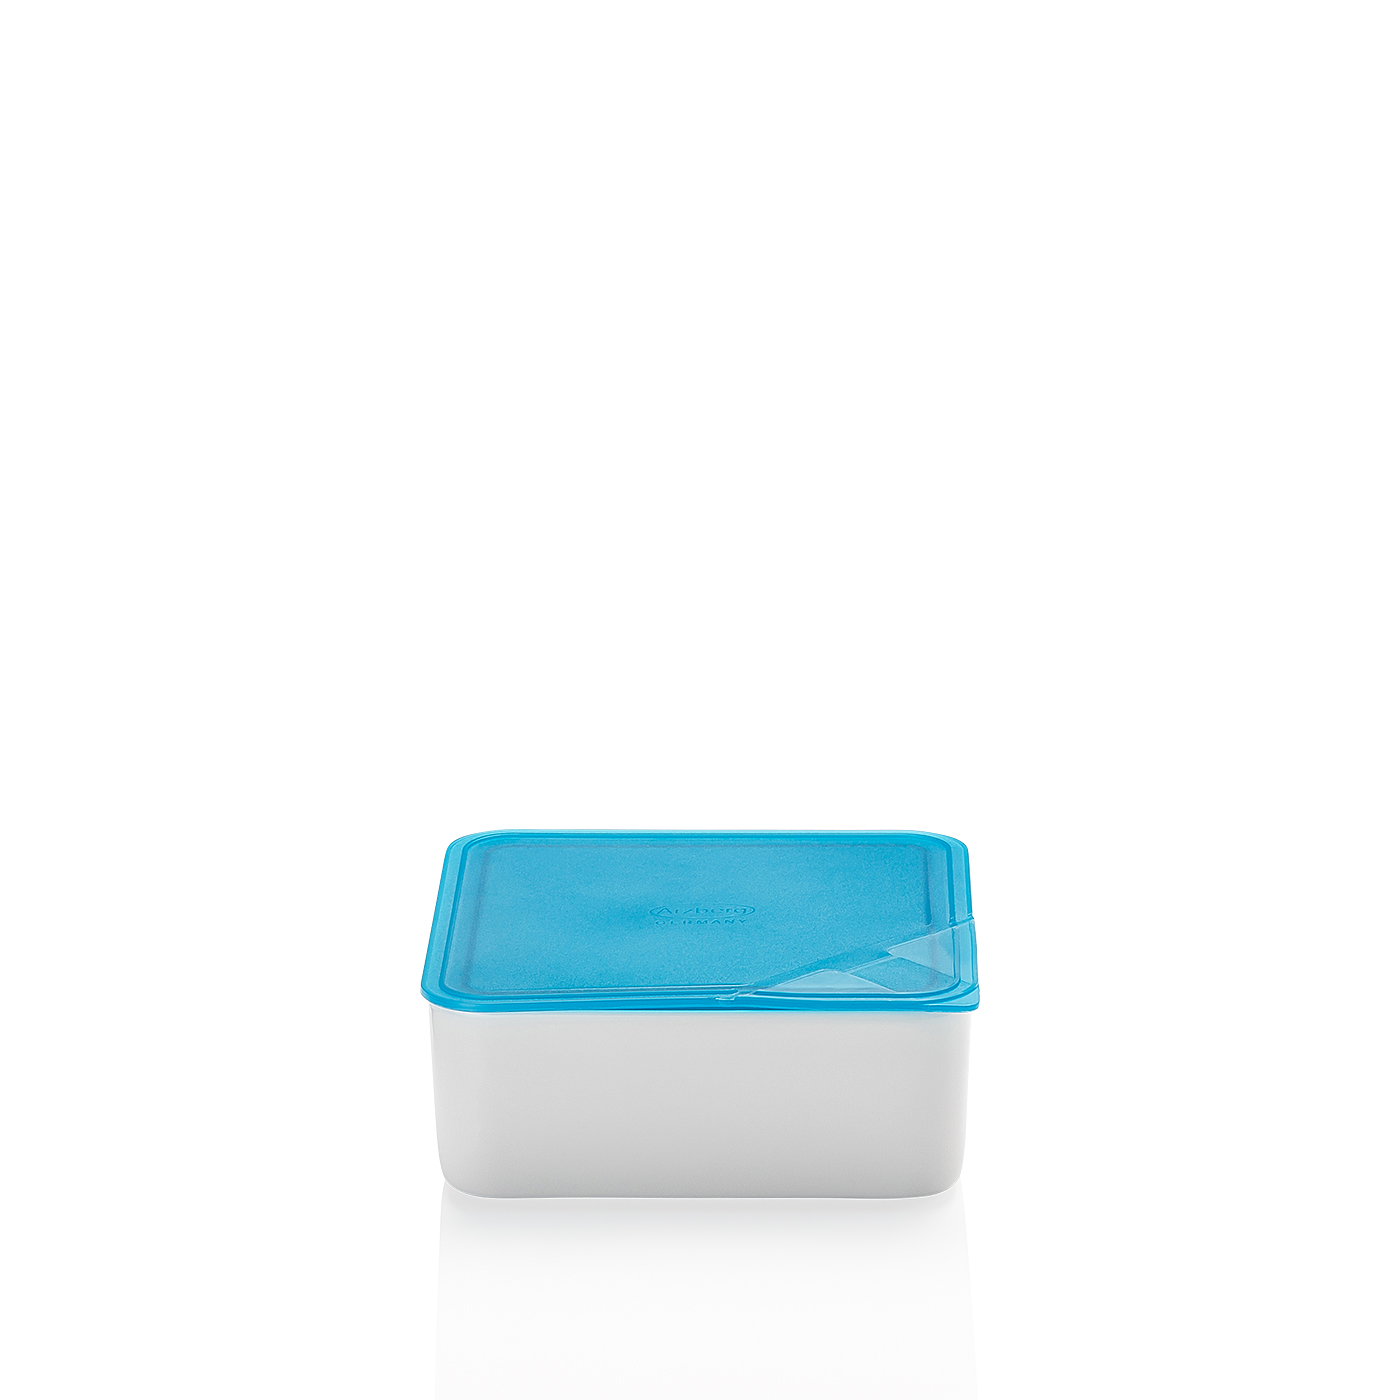 Frischebox 15x15 flach Küchenfreunde Kunststoff türkis Arzberg